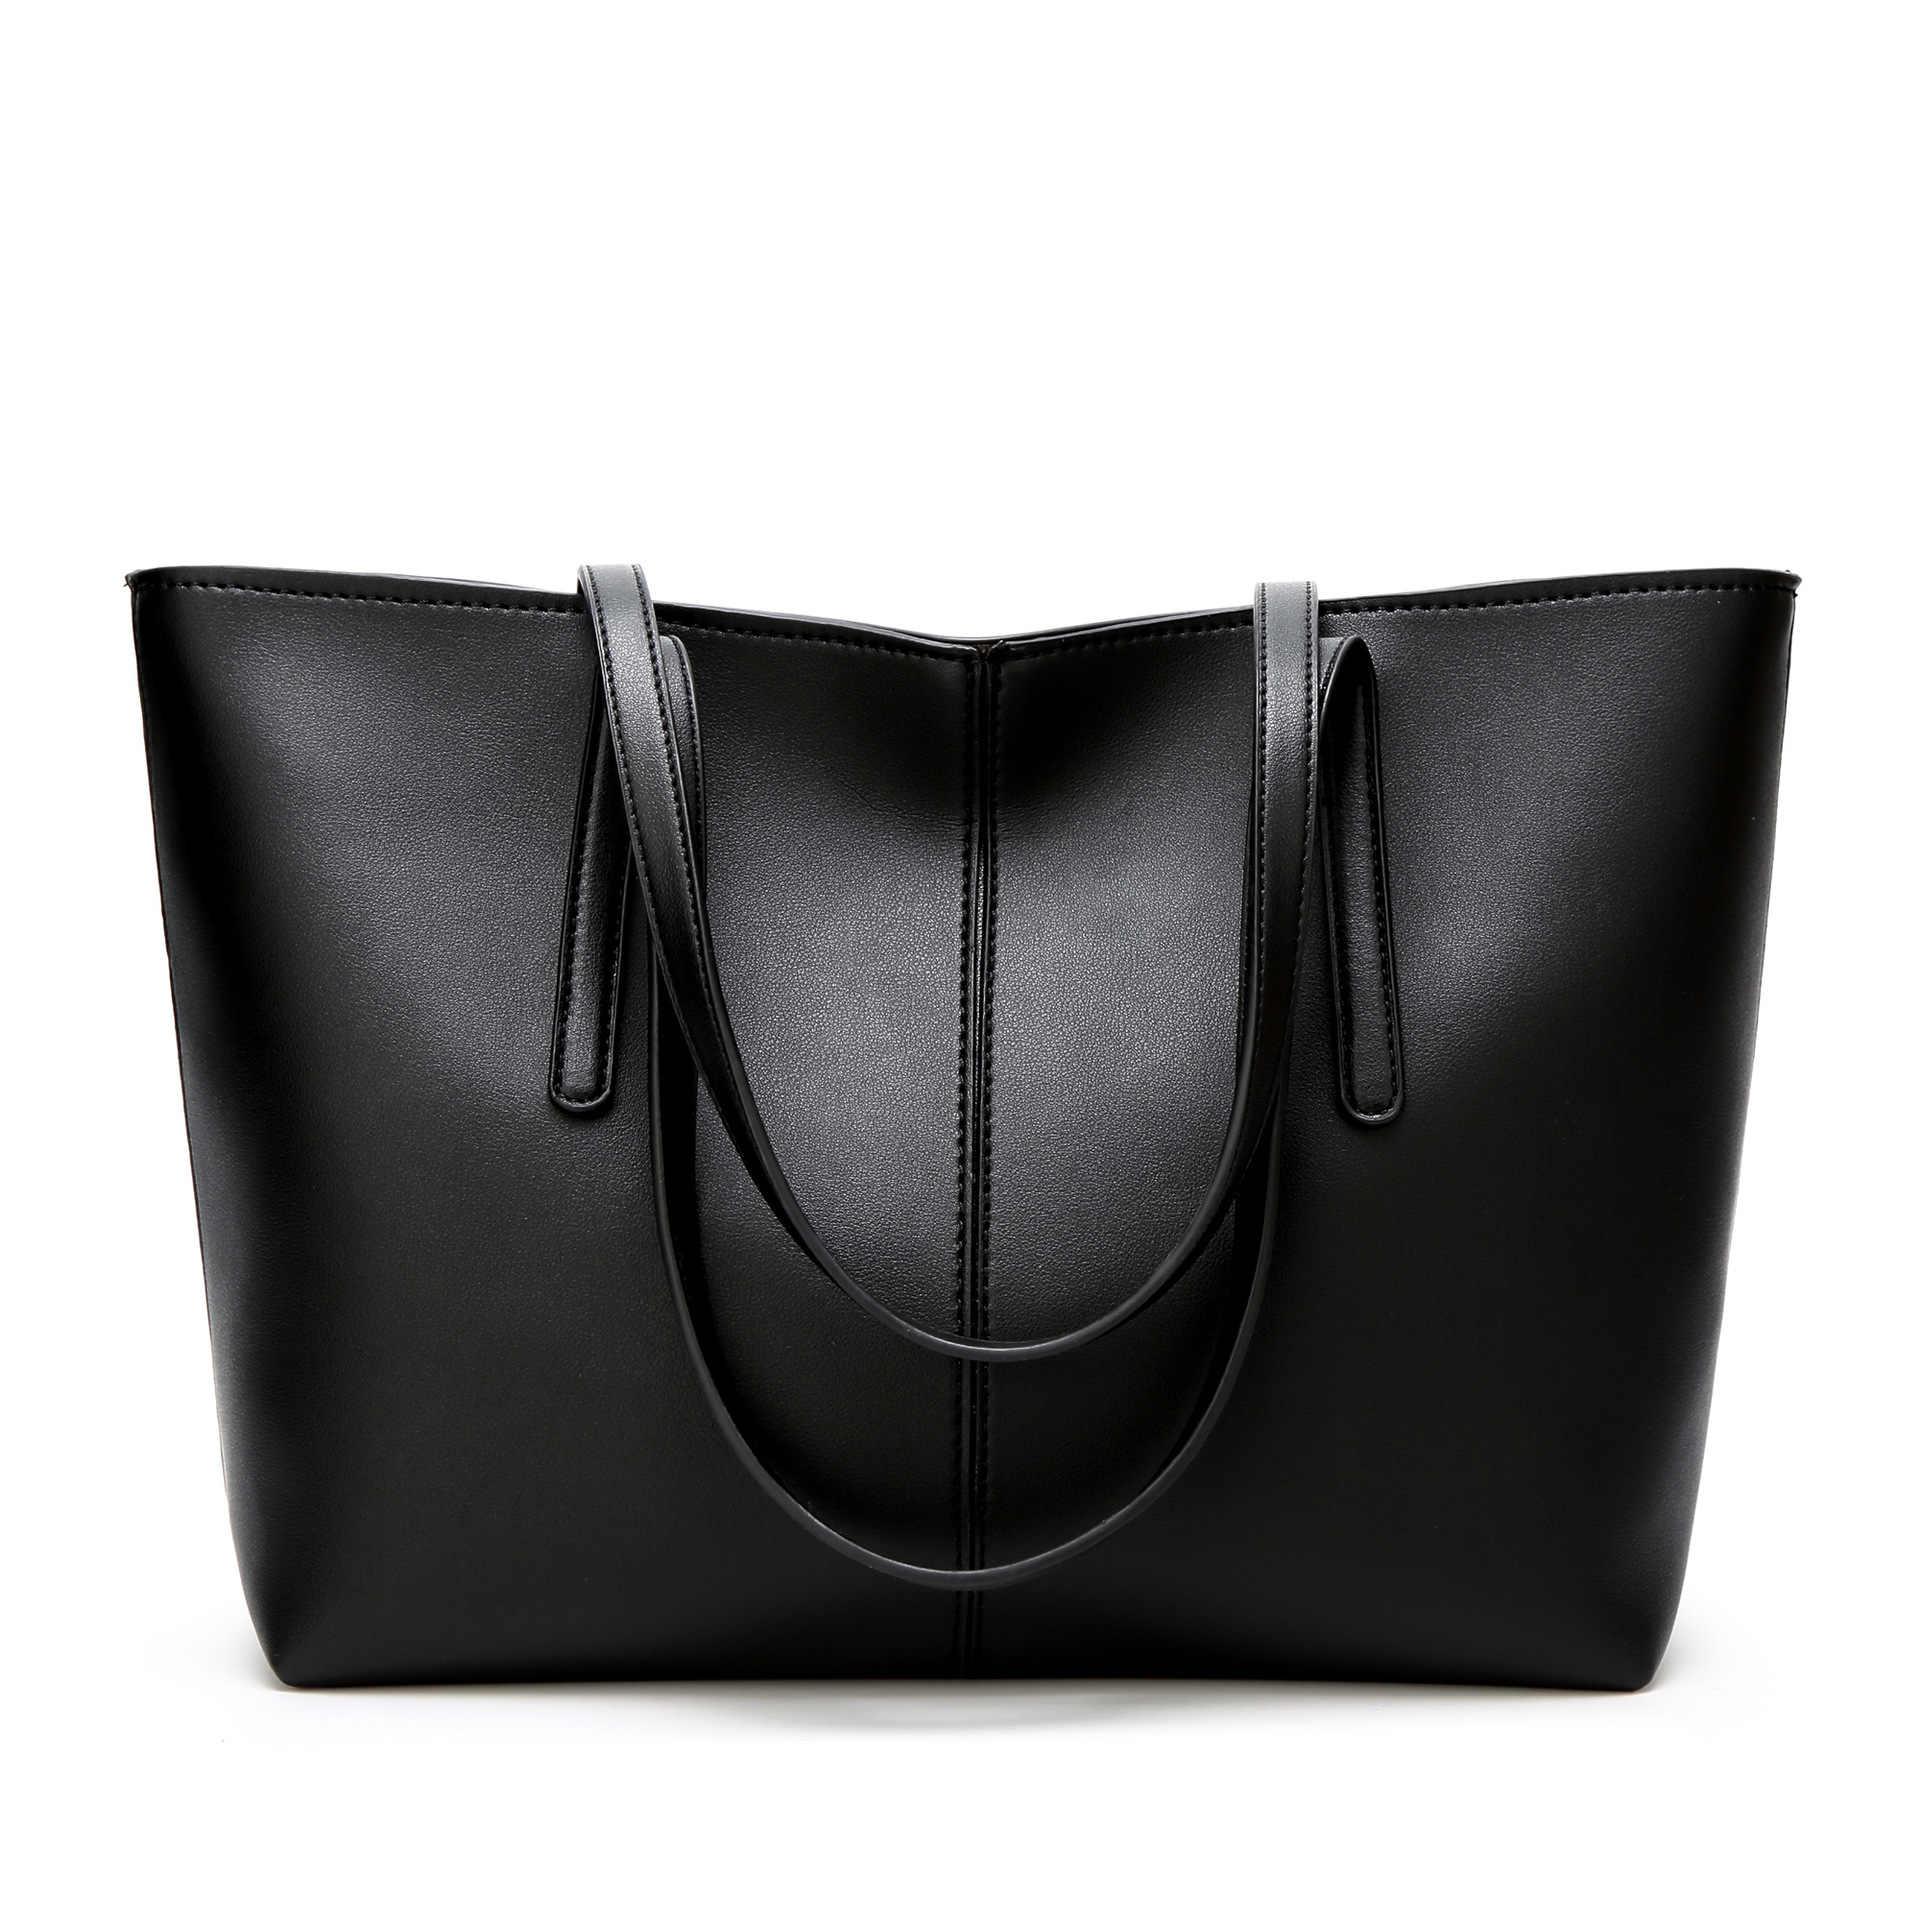 2019 yeni lüks hakiki deri çanta kadın çanta kadın deri tote çanta yüksek kaliteli bolsa feminina kese bir ana el çanta C1081